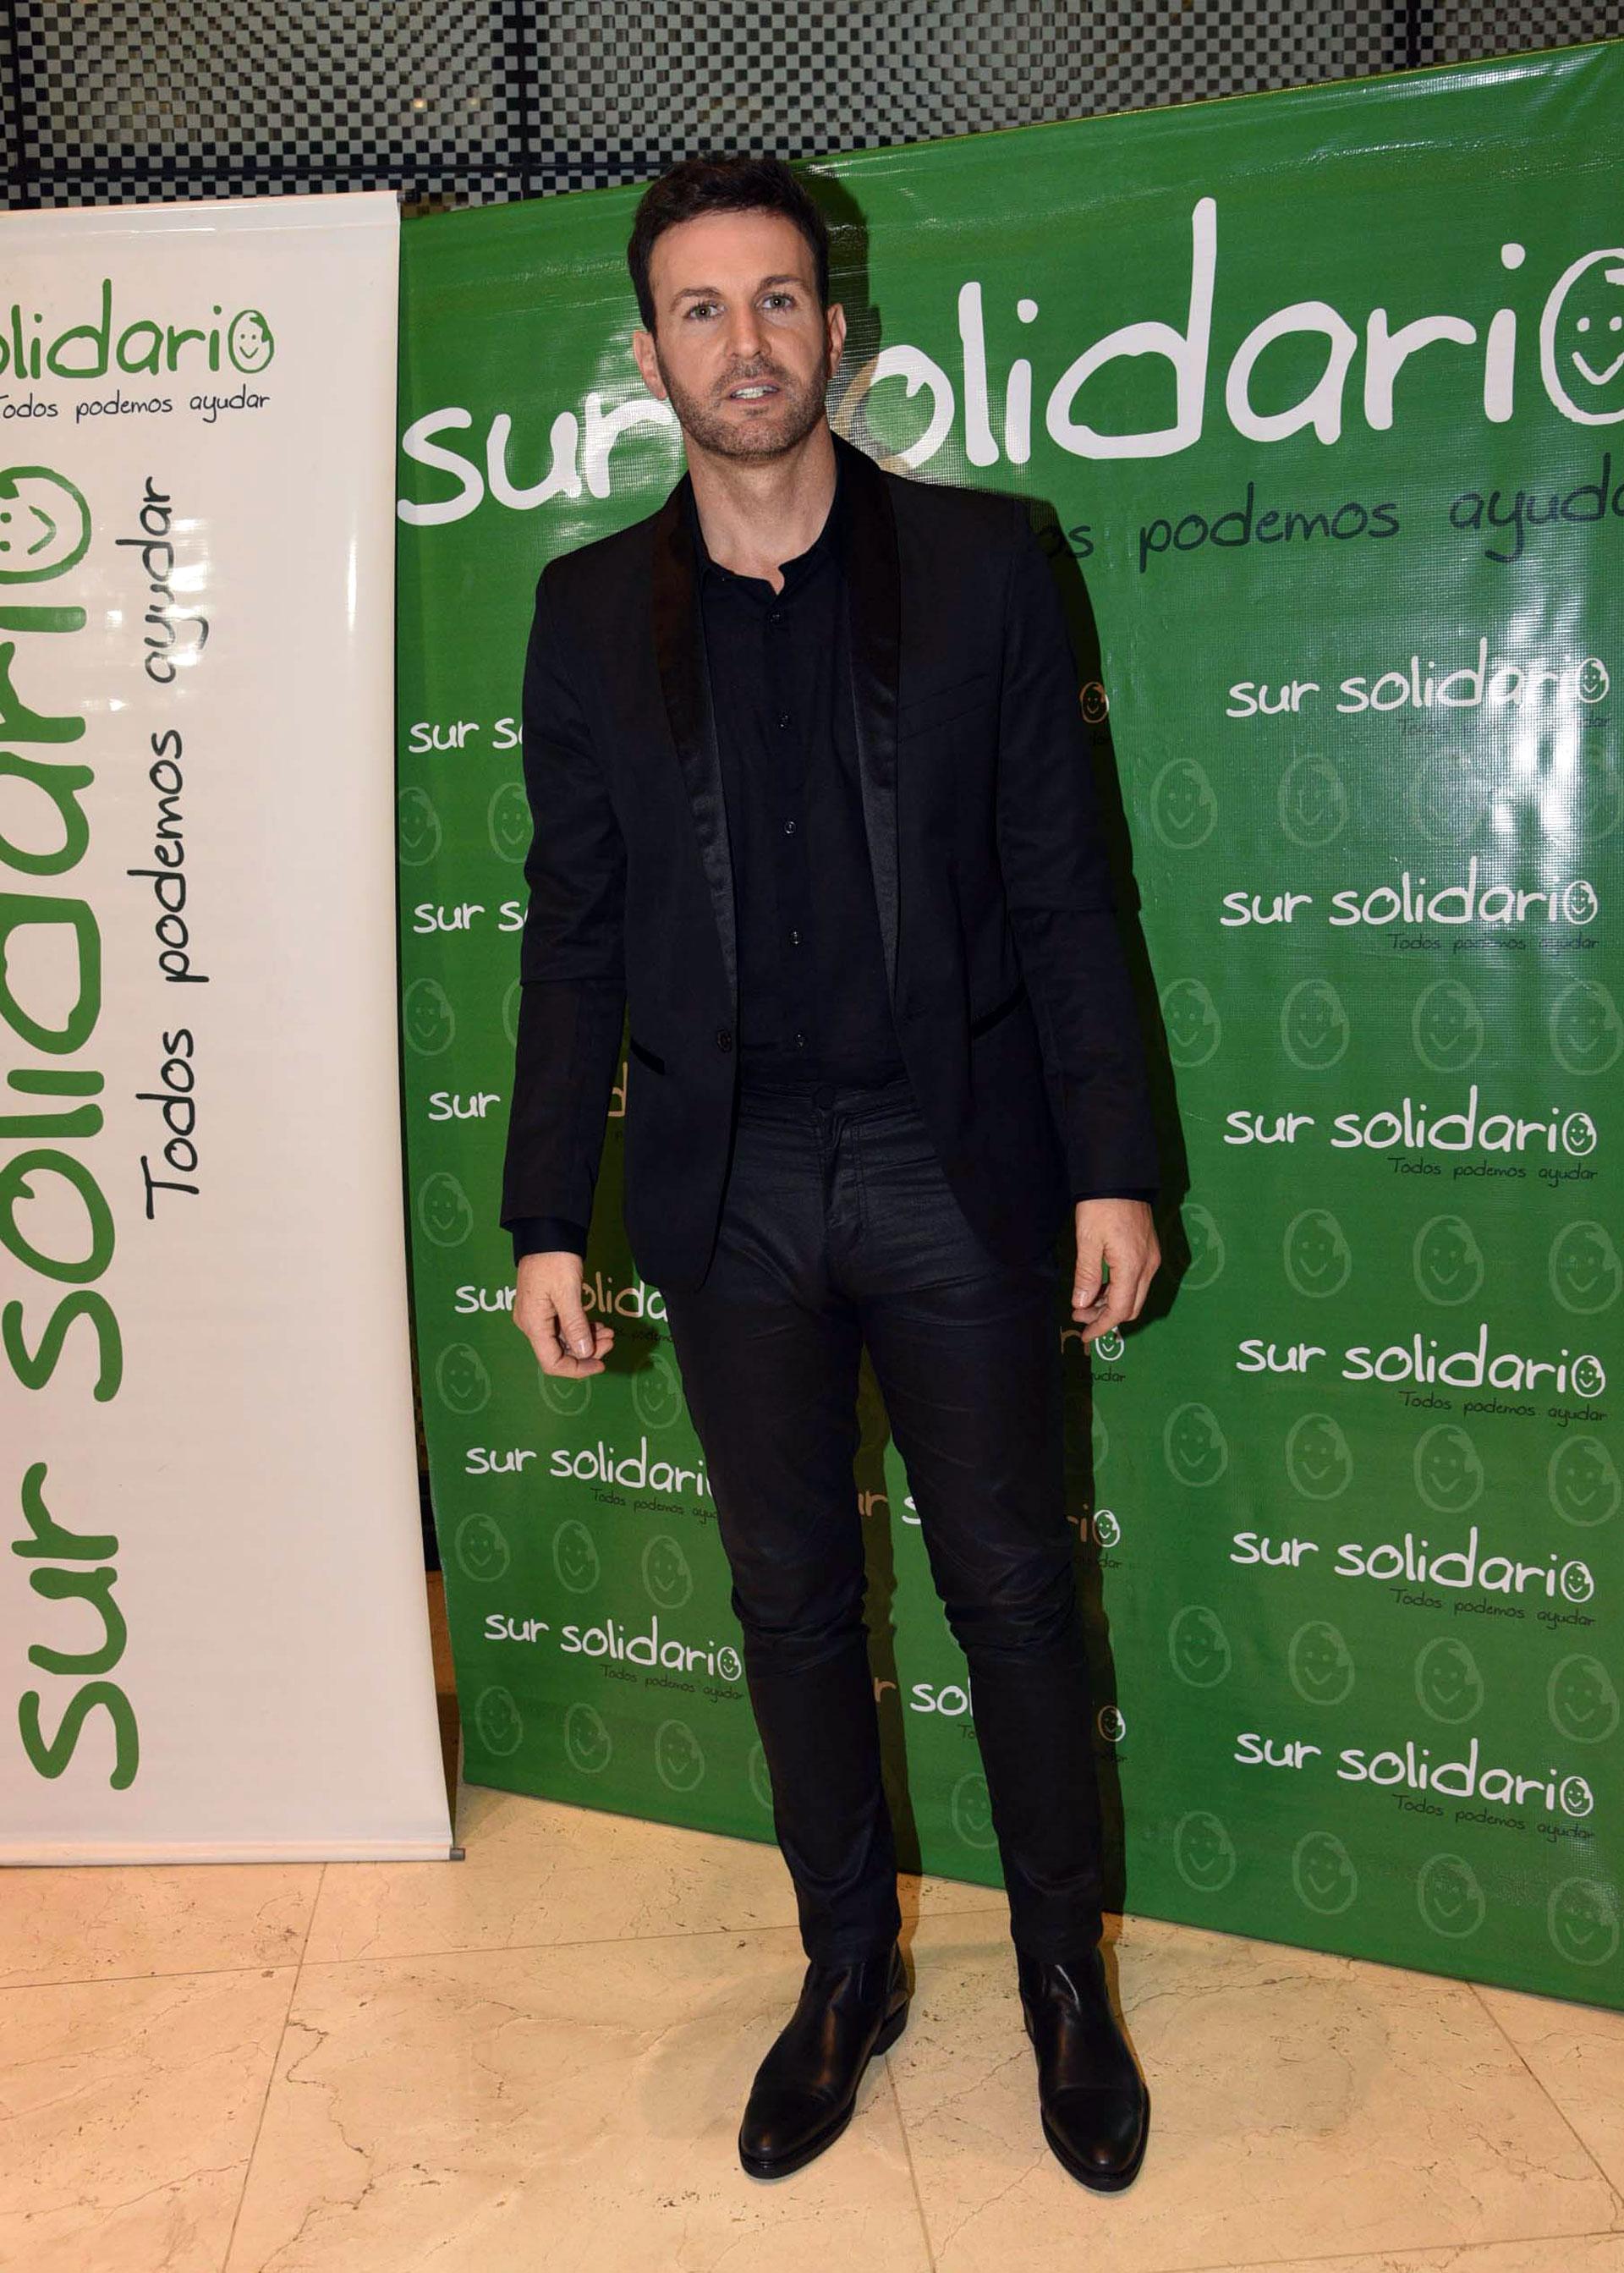 El cantante Axel realizó una cena para recaudar fondos para la Fundación Sur Solidario (Teleshow)